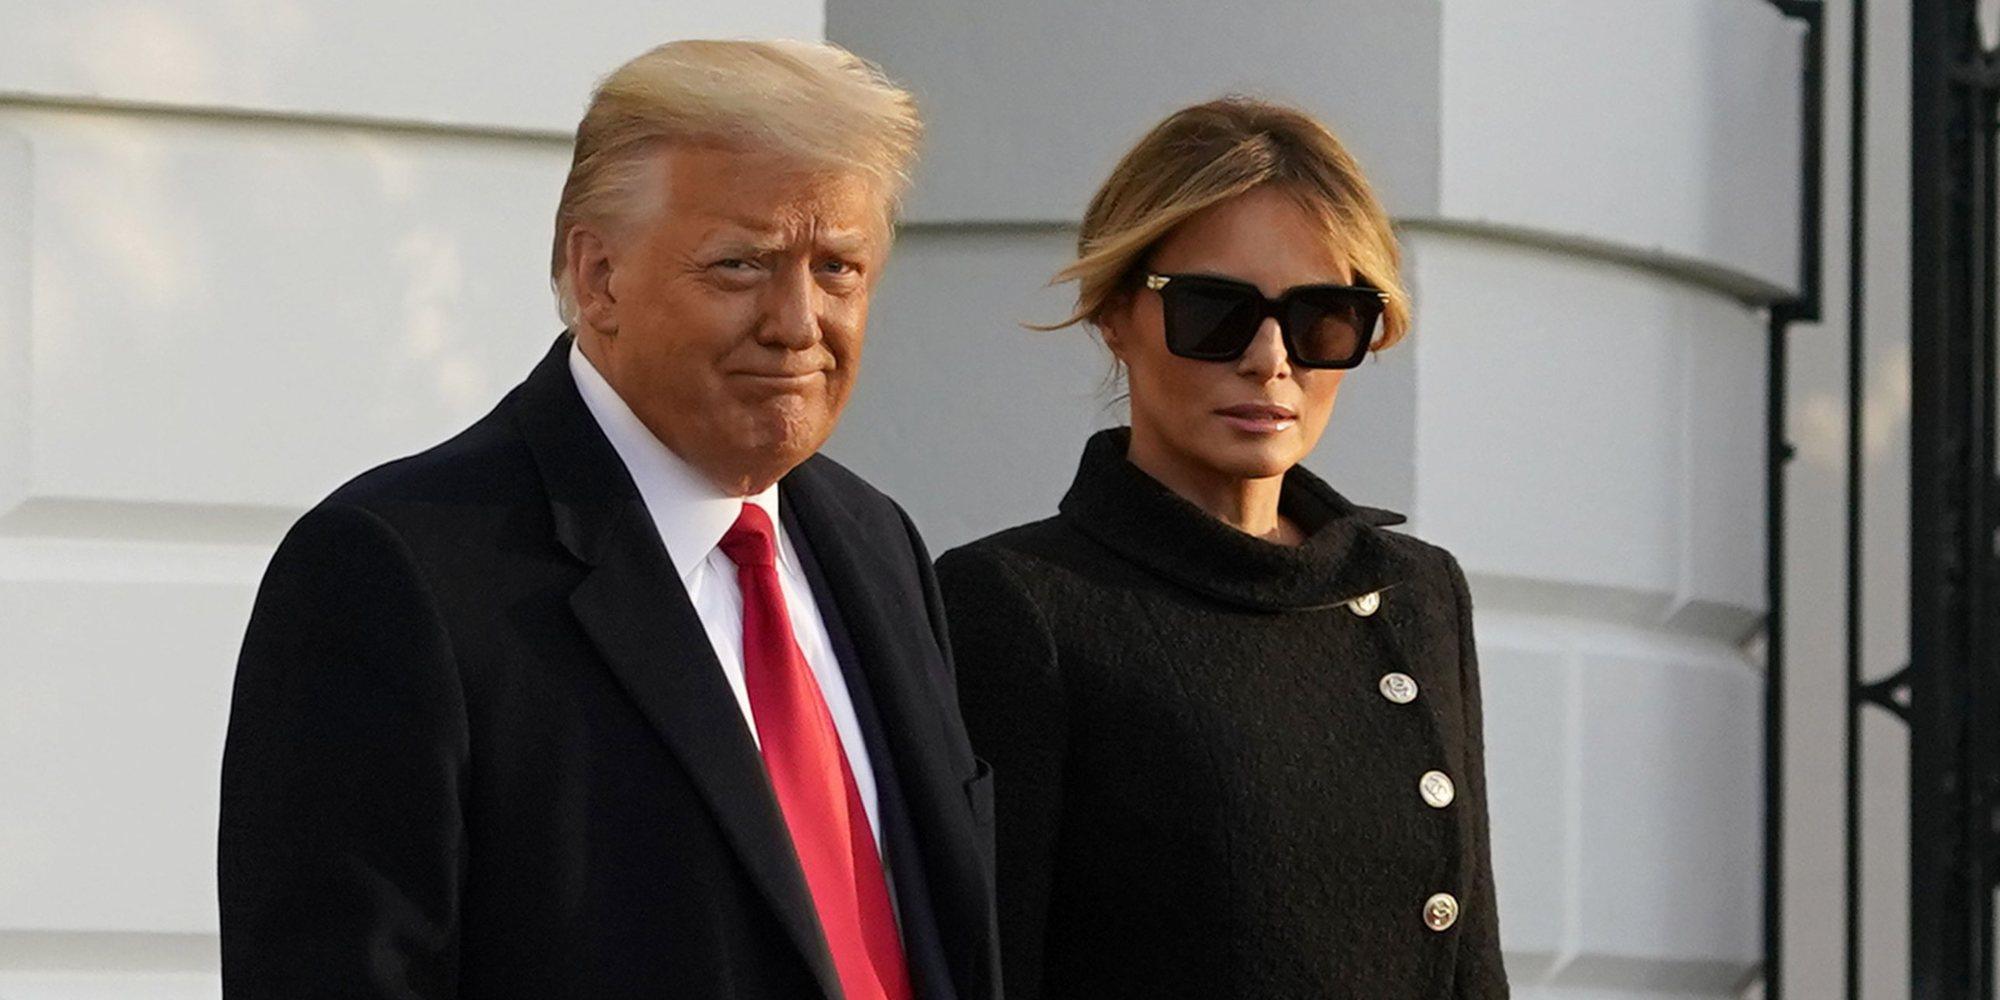 El vídeo viral en el que Melania Trump evidencia su cambio de actitud tras abandonar la Casa Blanca